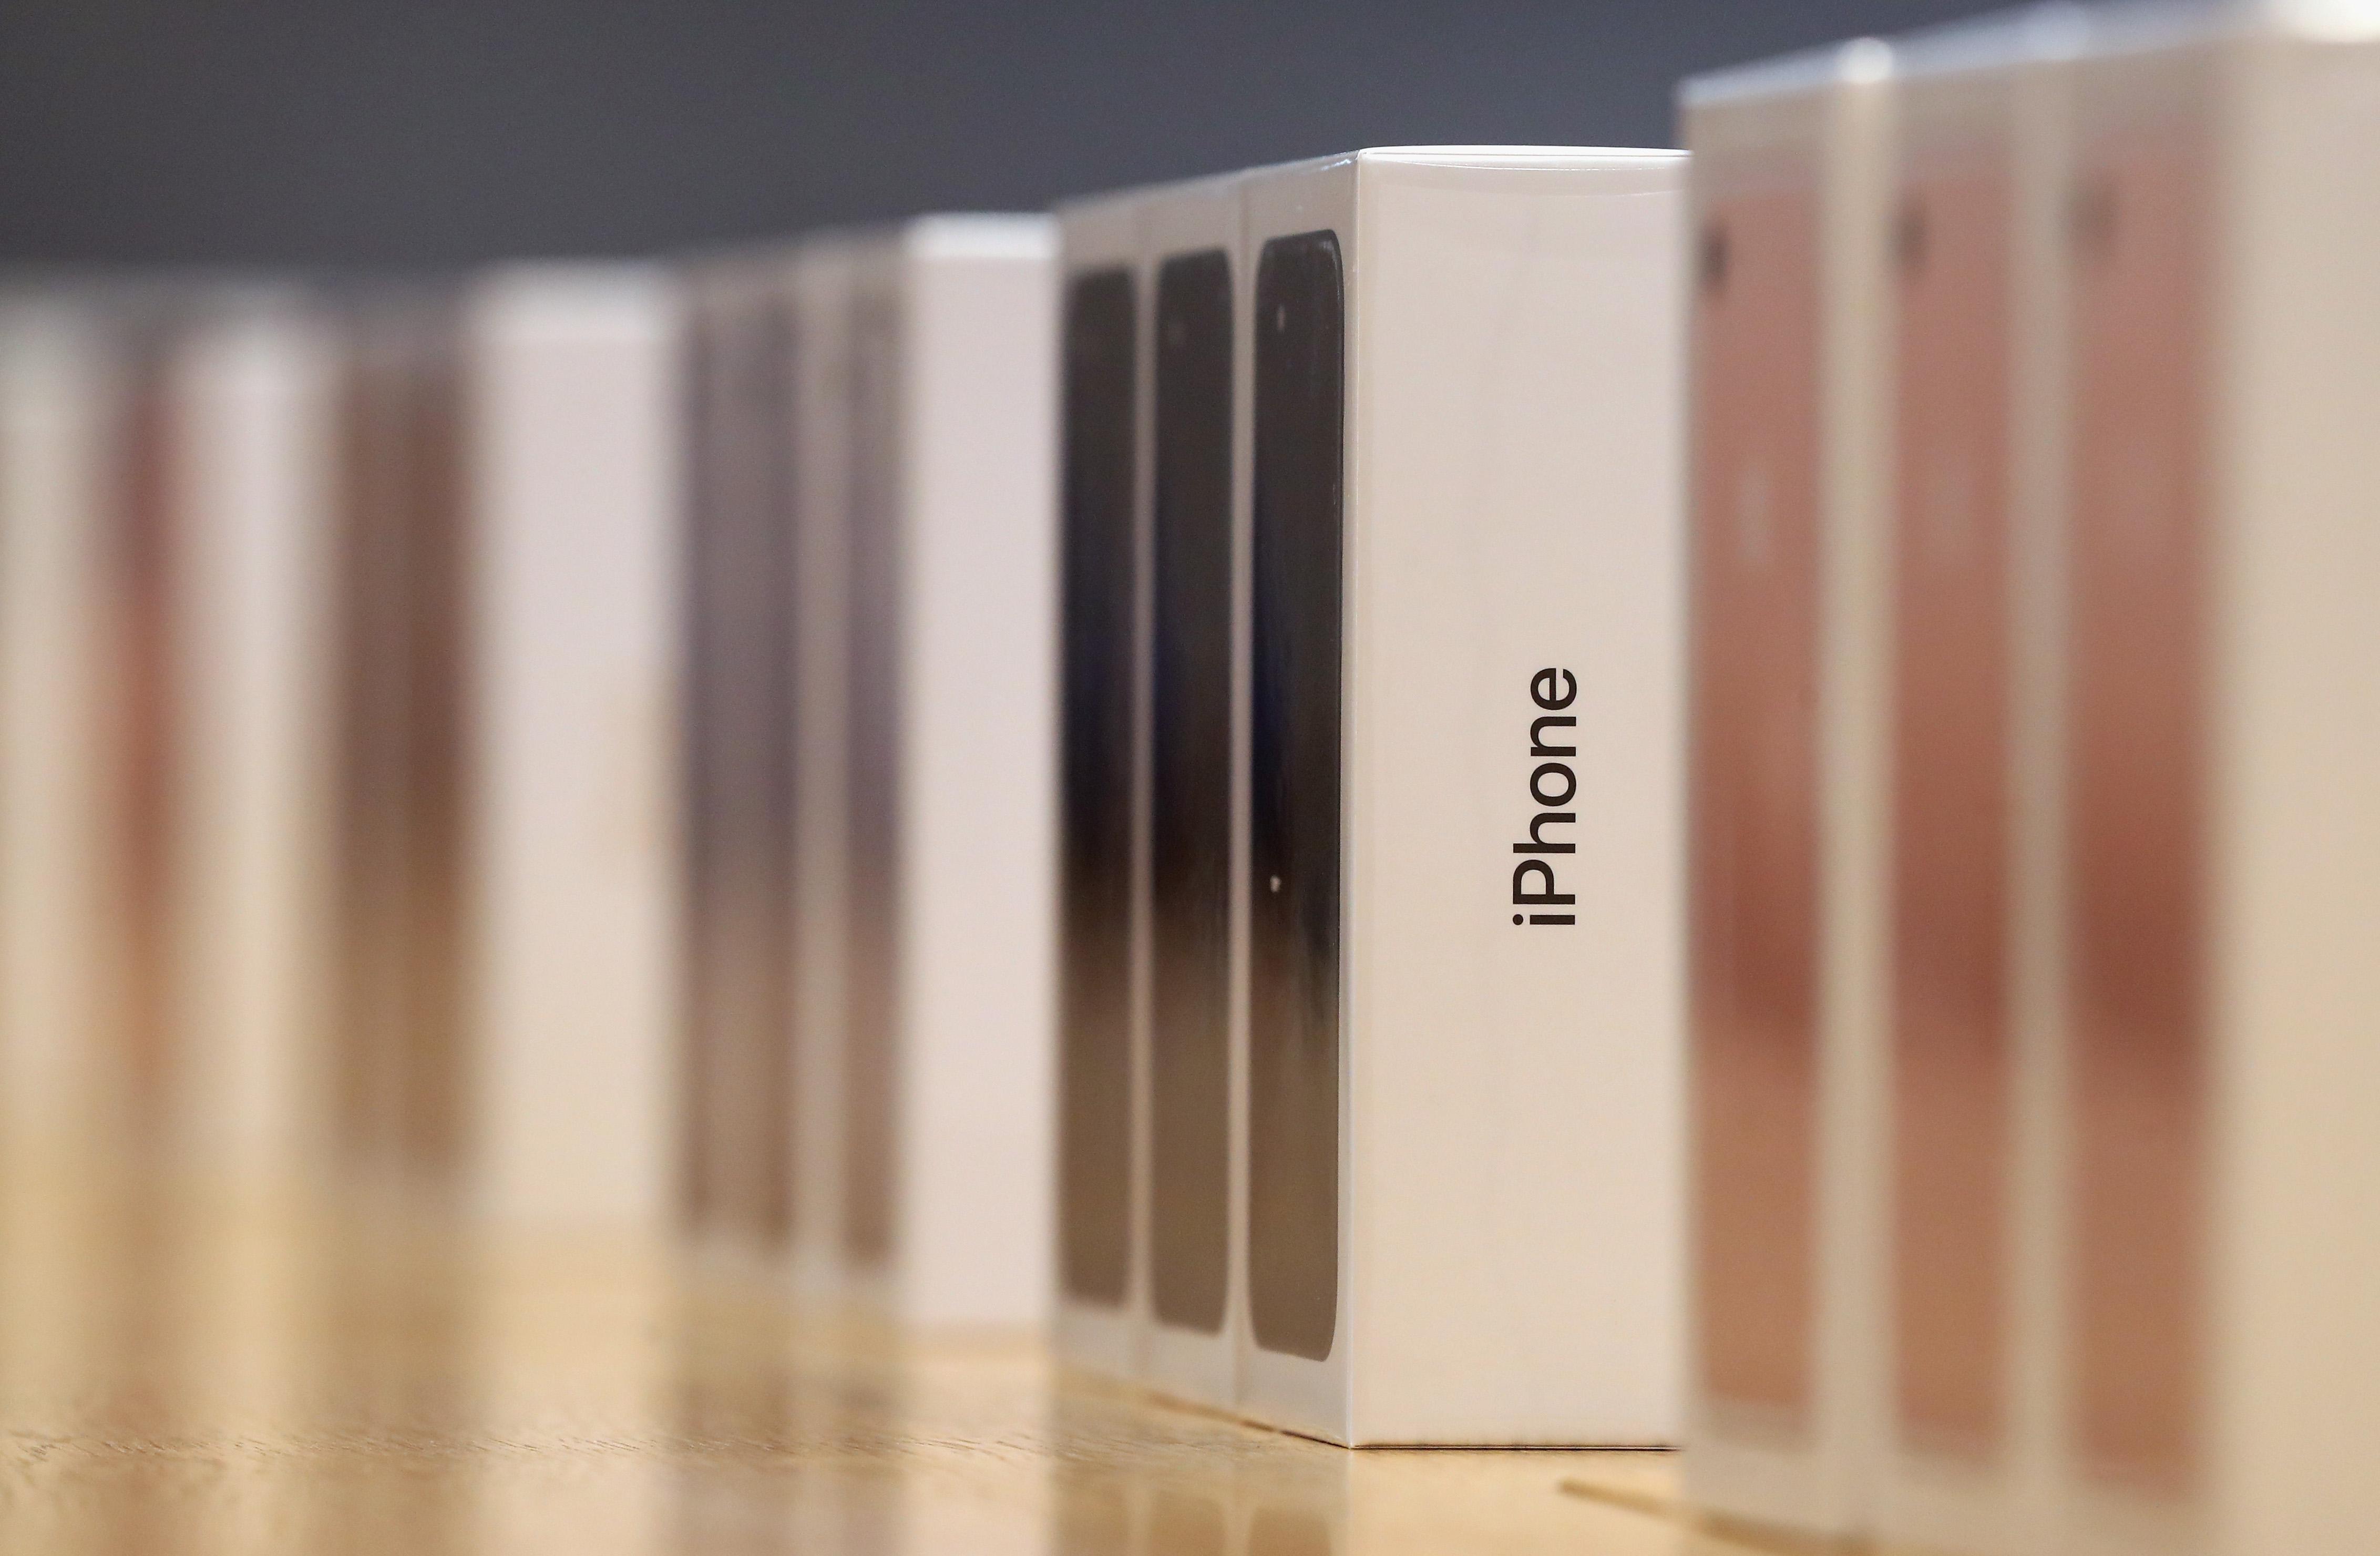 蘋果實體店內的桌上擺滿了新上市的iPhone 7。 (Getty Images)